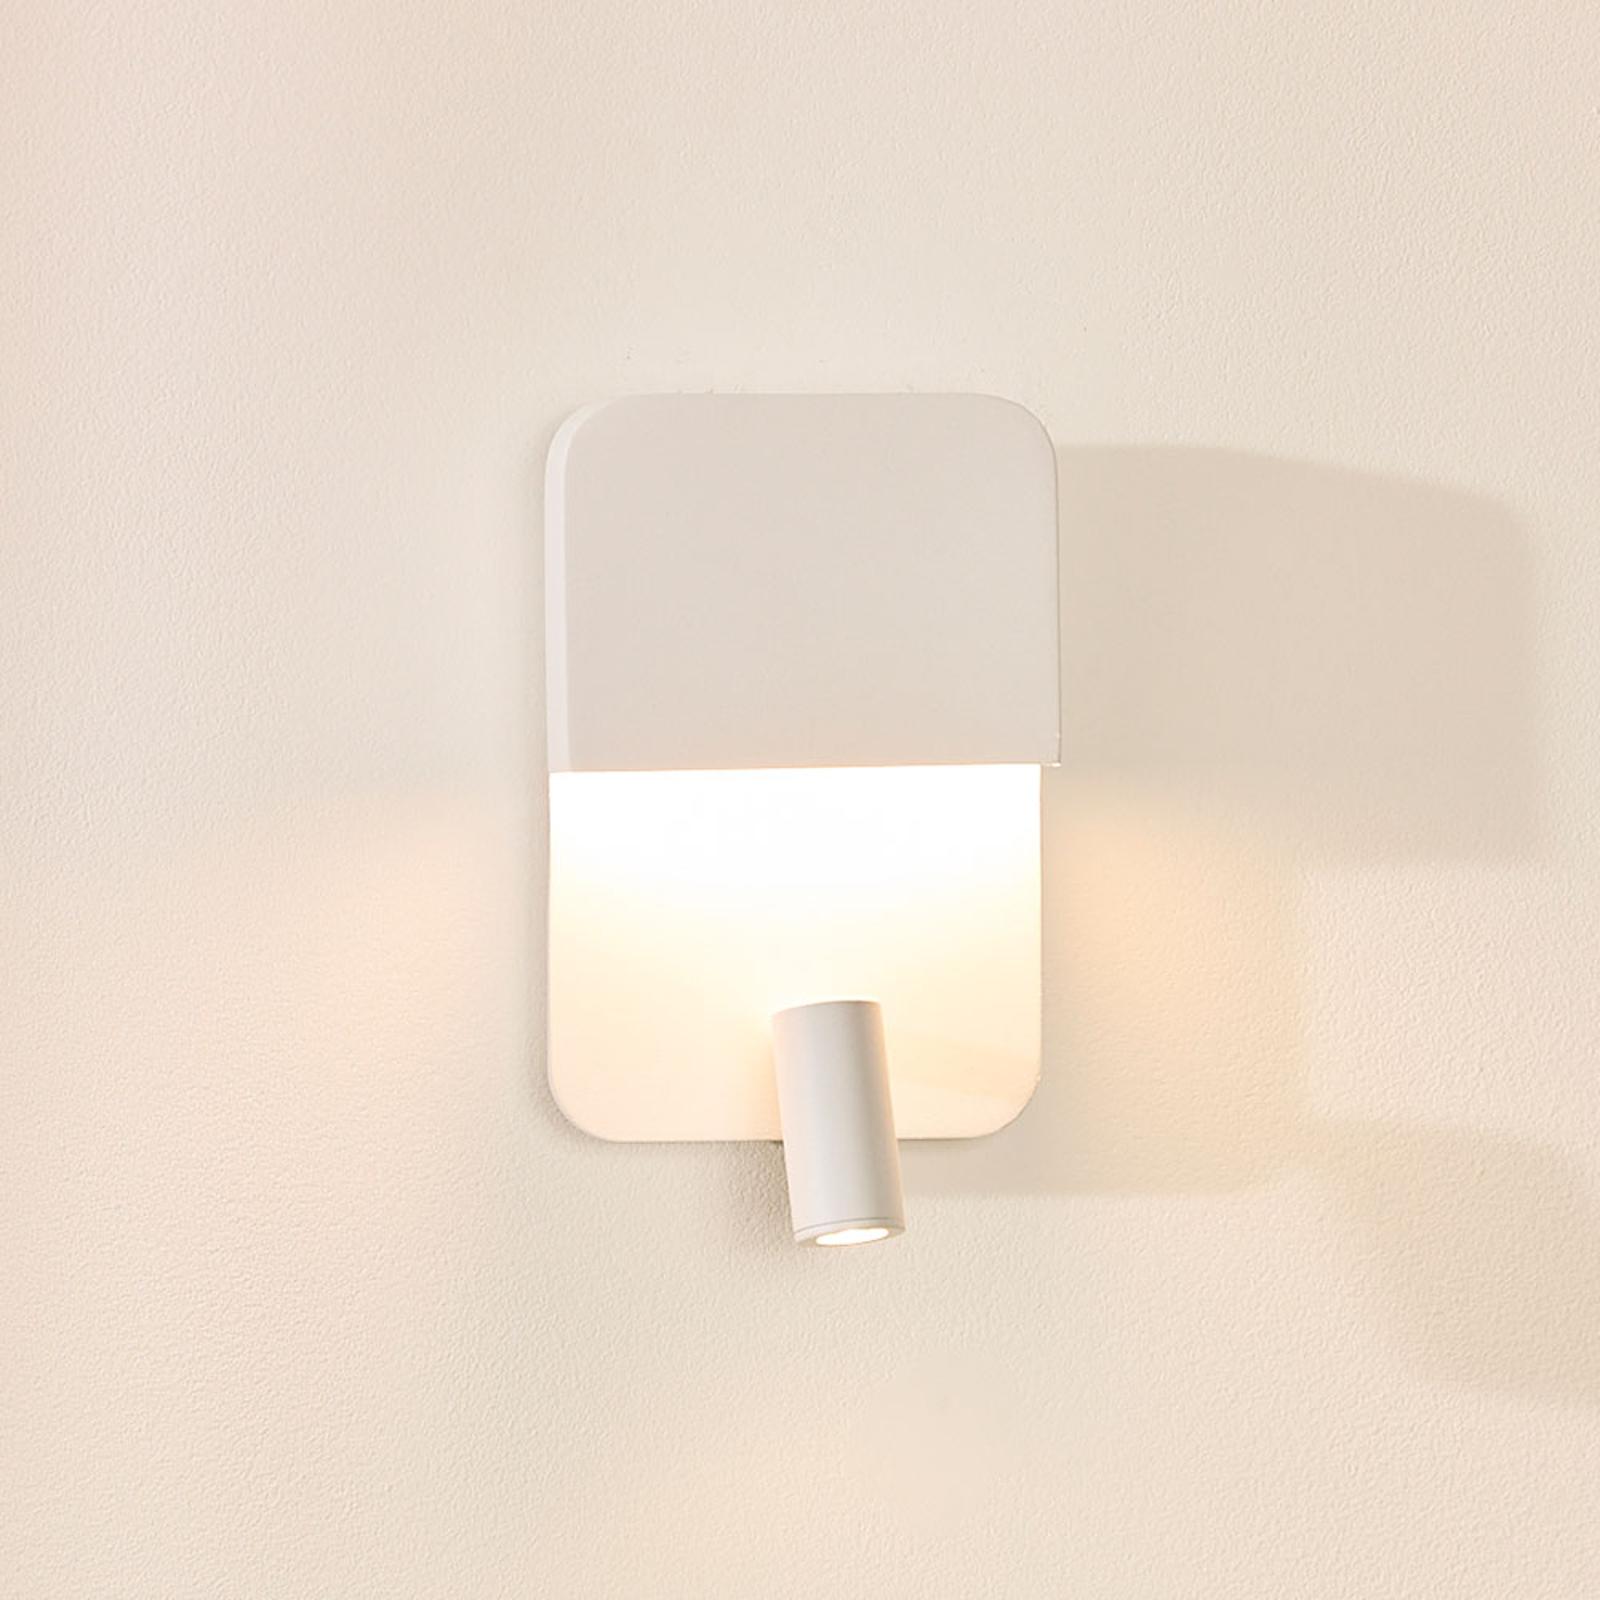 Boxer LED-vegglampe med spot, hvit